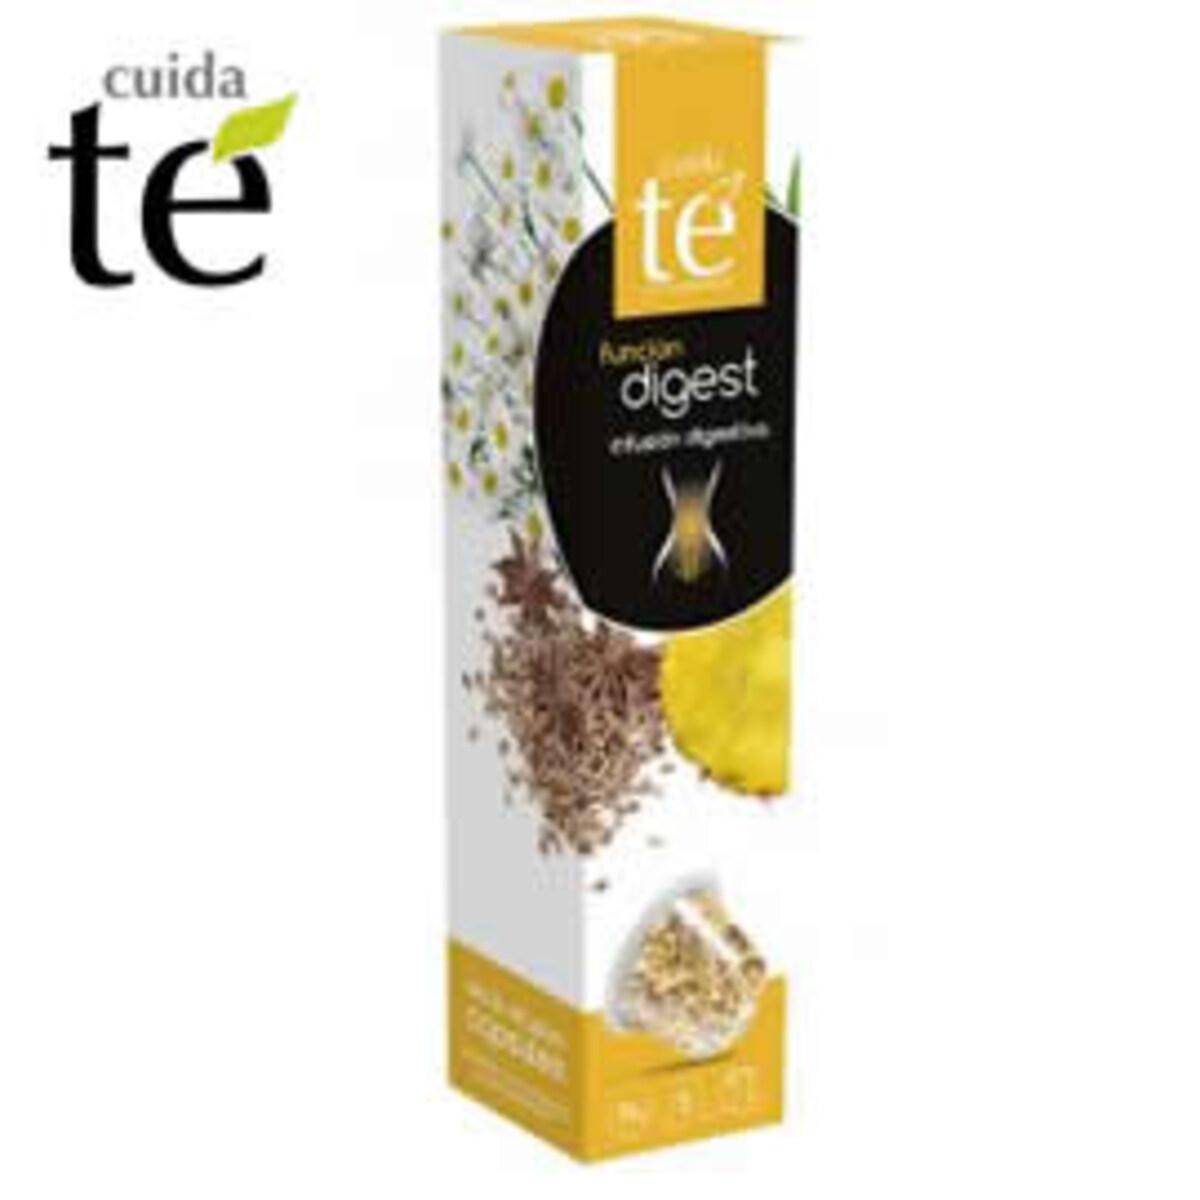 Cuida Te Digest - Неспресо съвместима капсула ройбос чай за лесно храносмилане